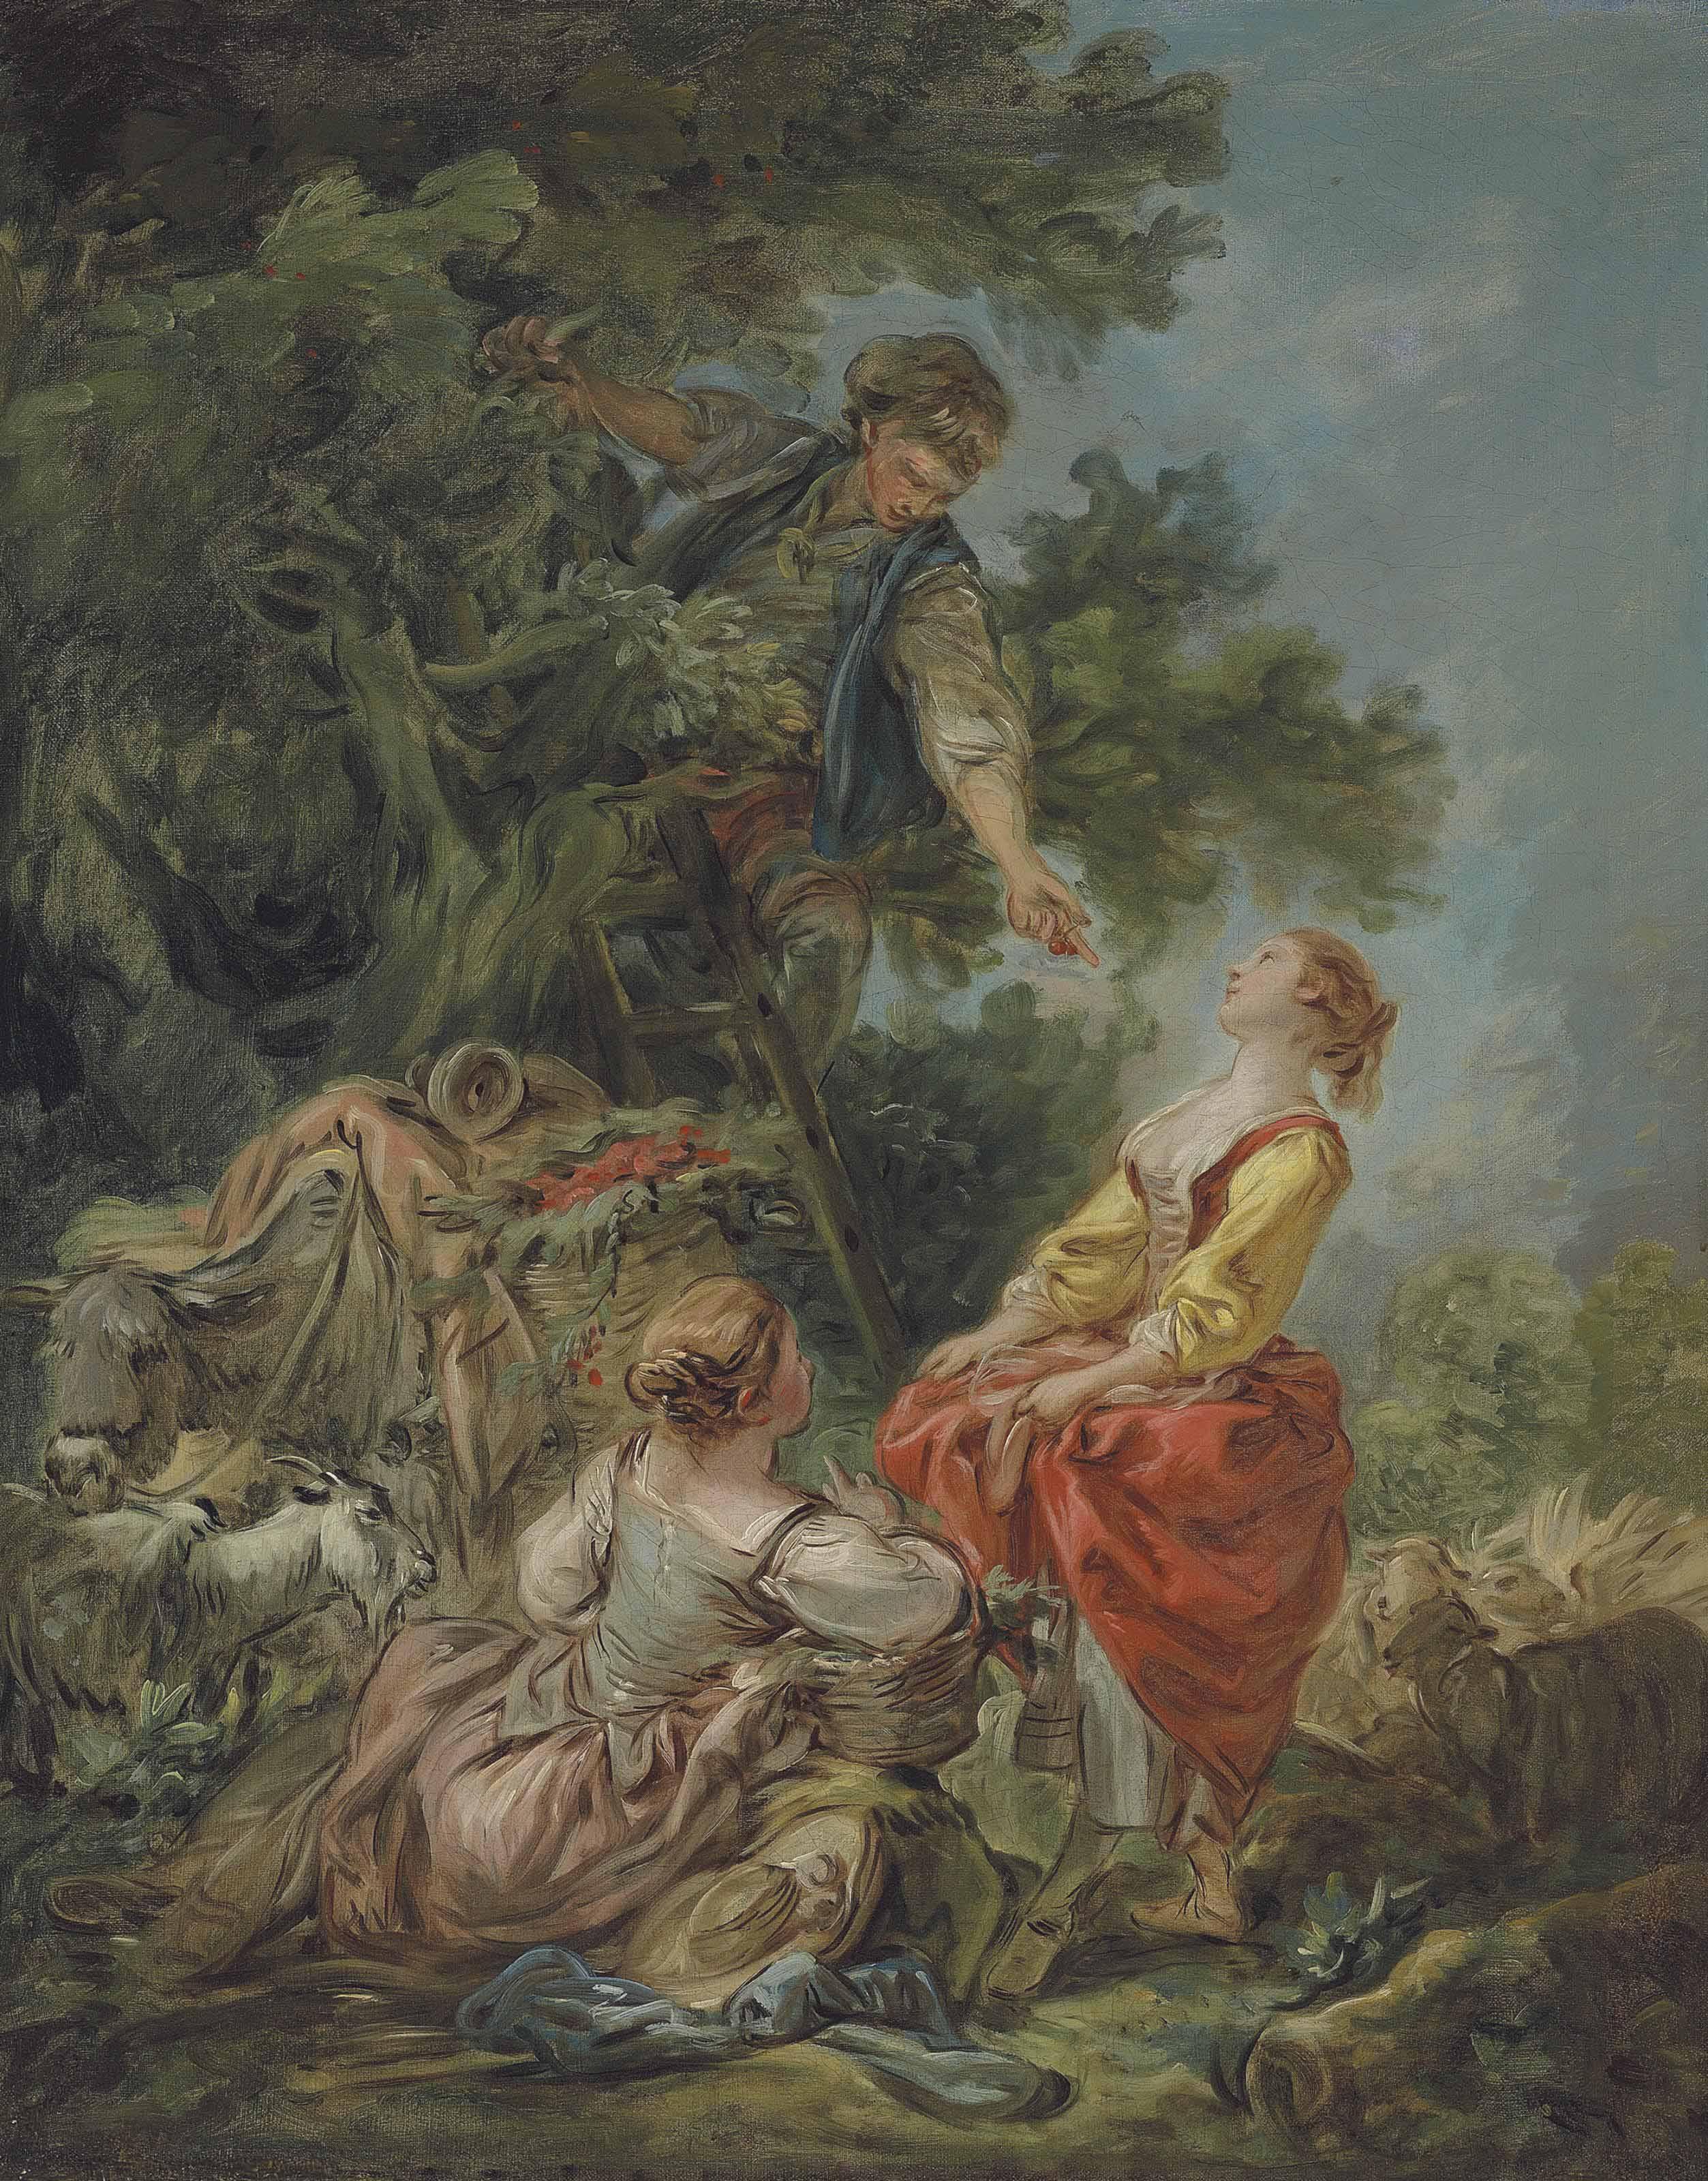 'La Cueillette des Cerises'